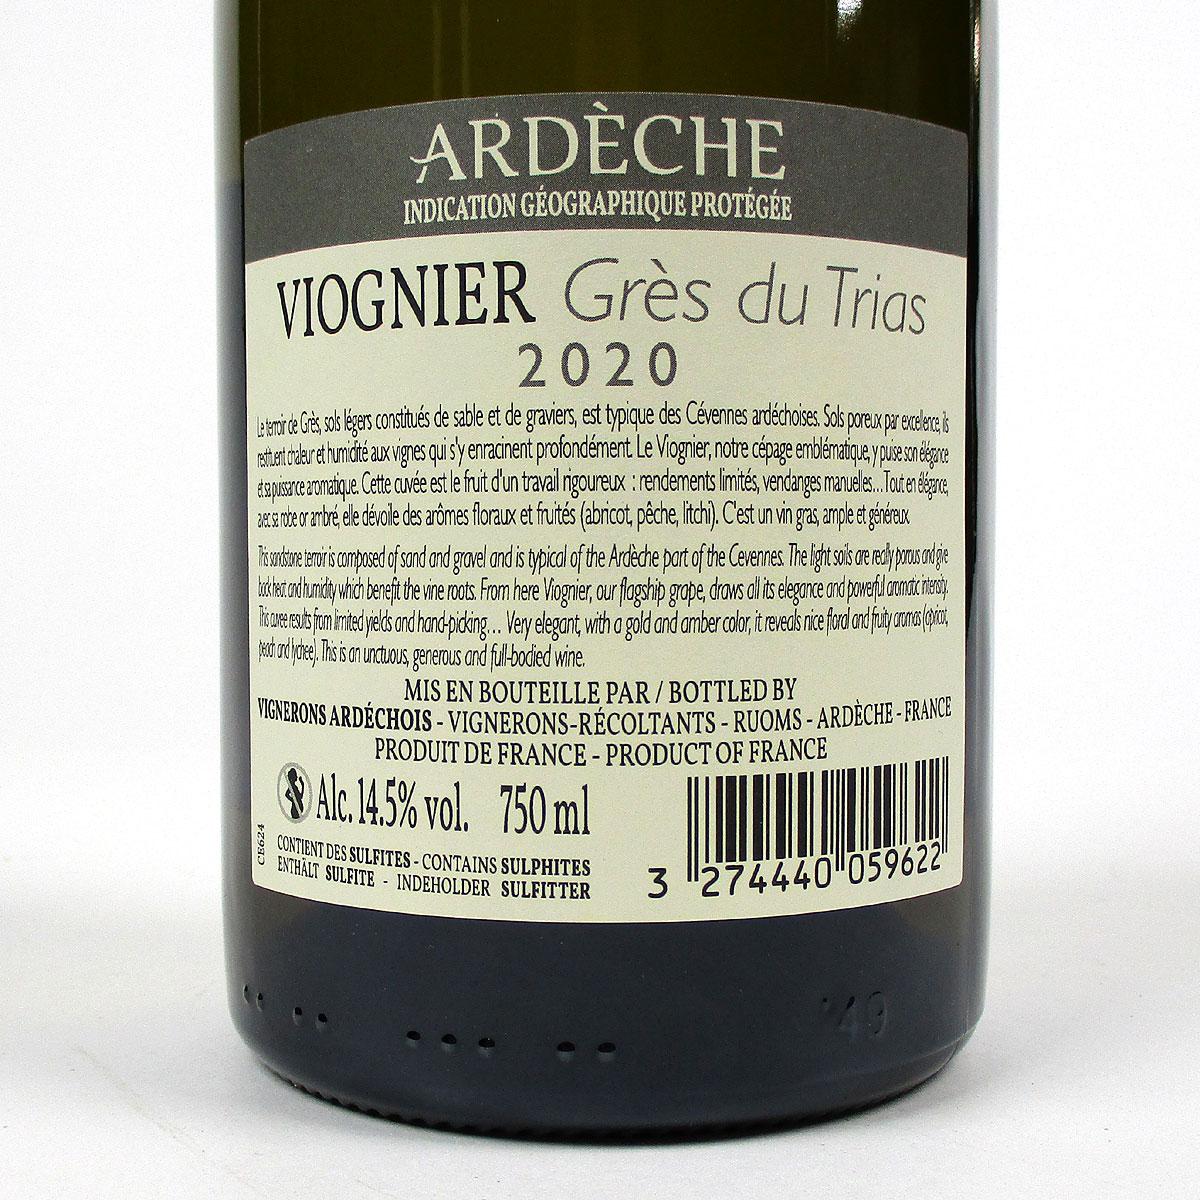 IGP Ardèche: Vignerons Ardéchois Viognier 'Grès du Trias' 2020 - Bottle Rear Label